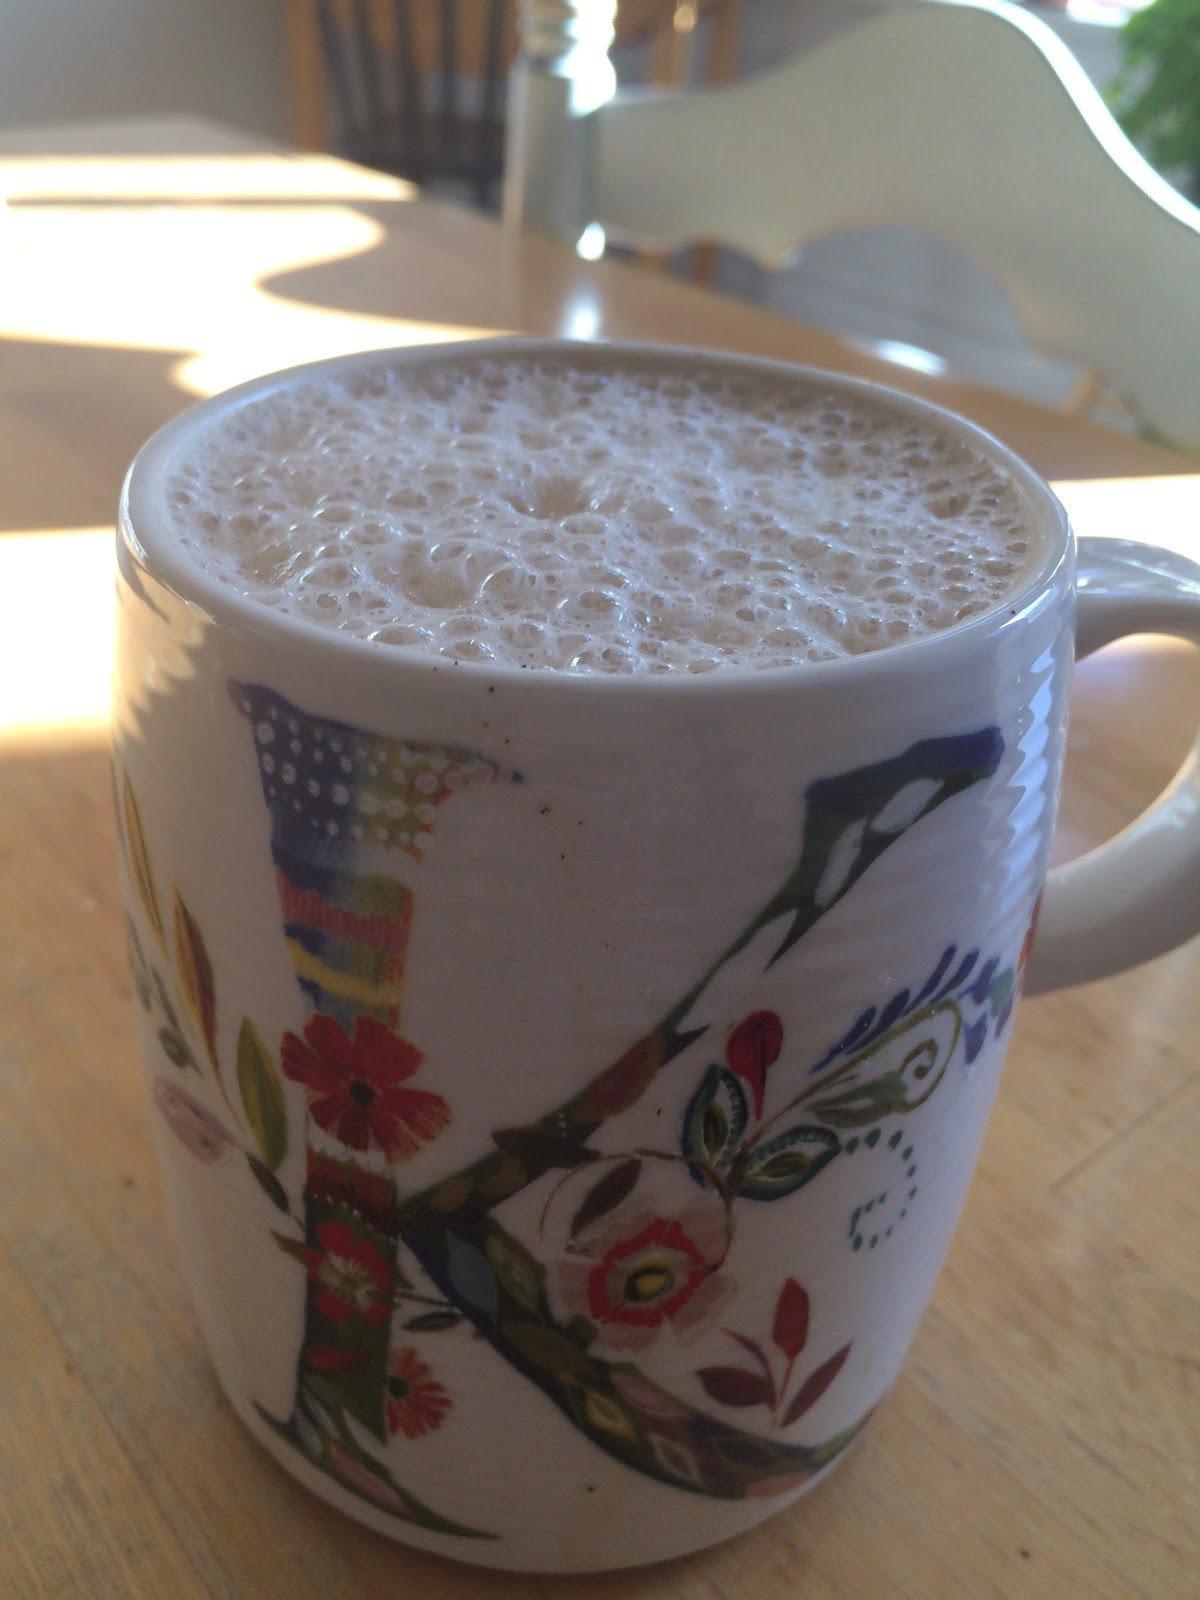 Coletti Coffee Recipe for Creamy Cashew Coffee